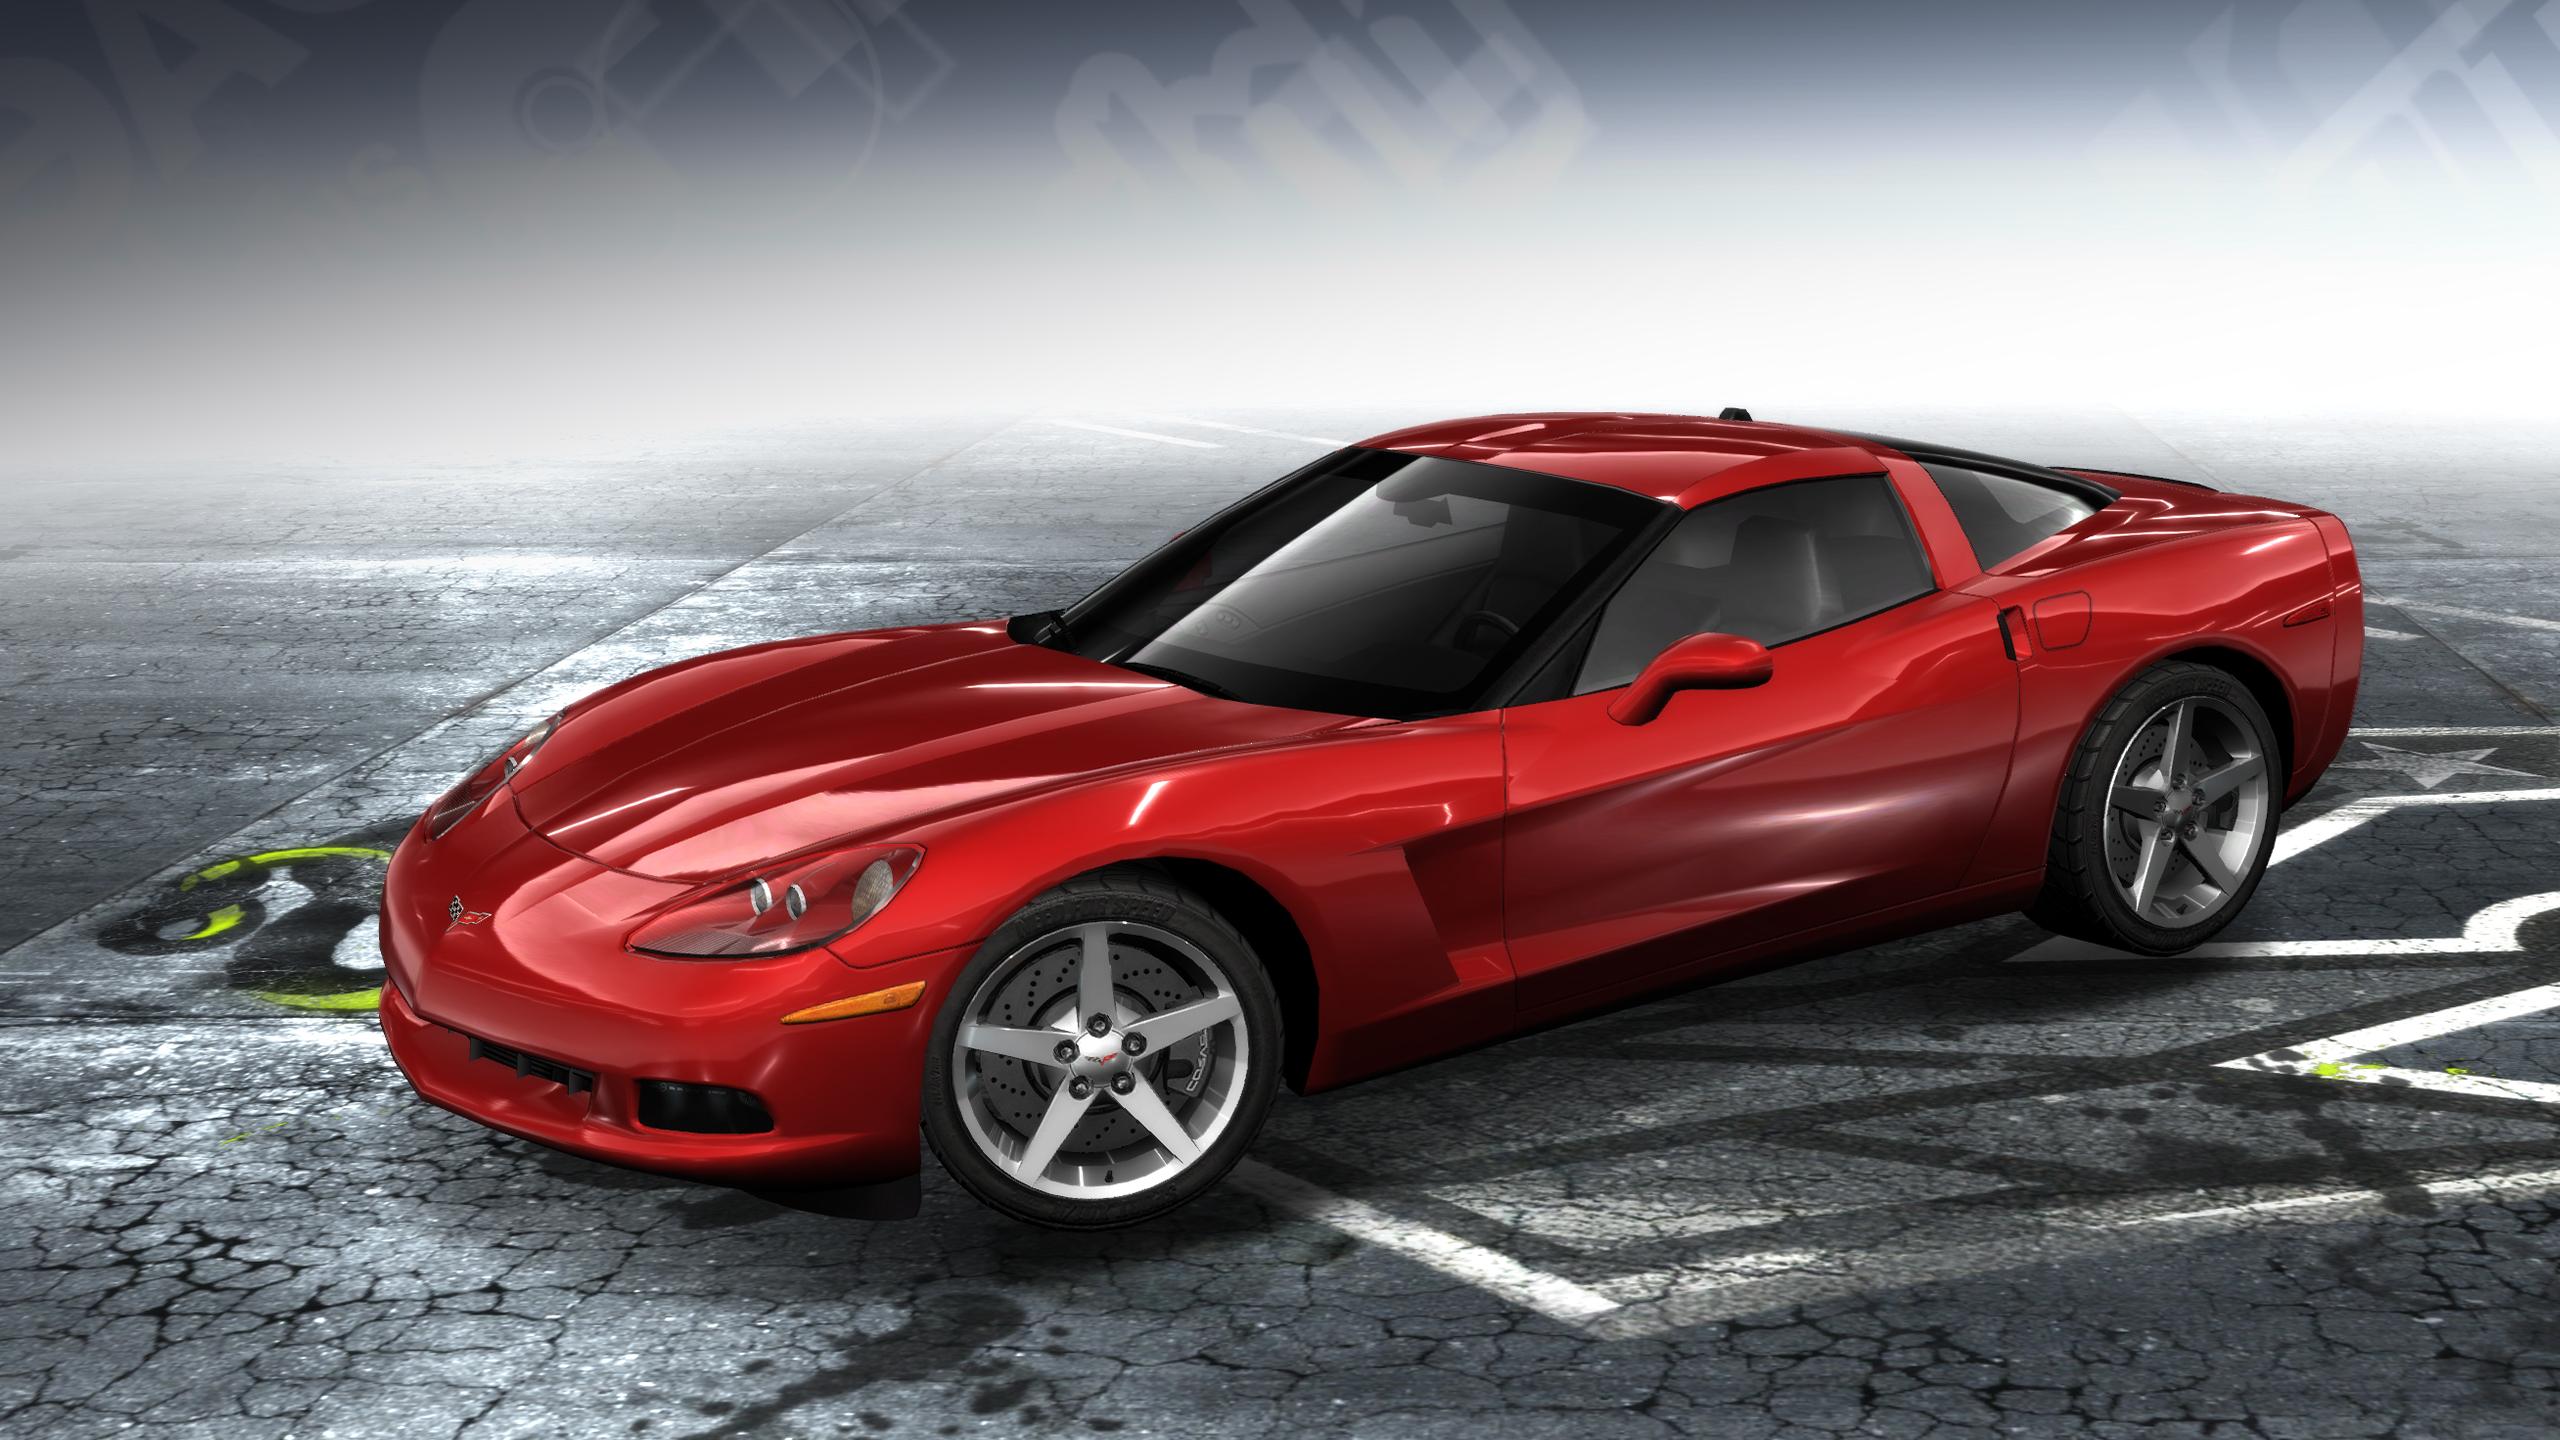 Chevrolet Corvette (C6) | Need for Speed Wiki | FANDOM